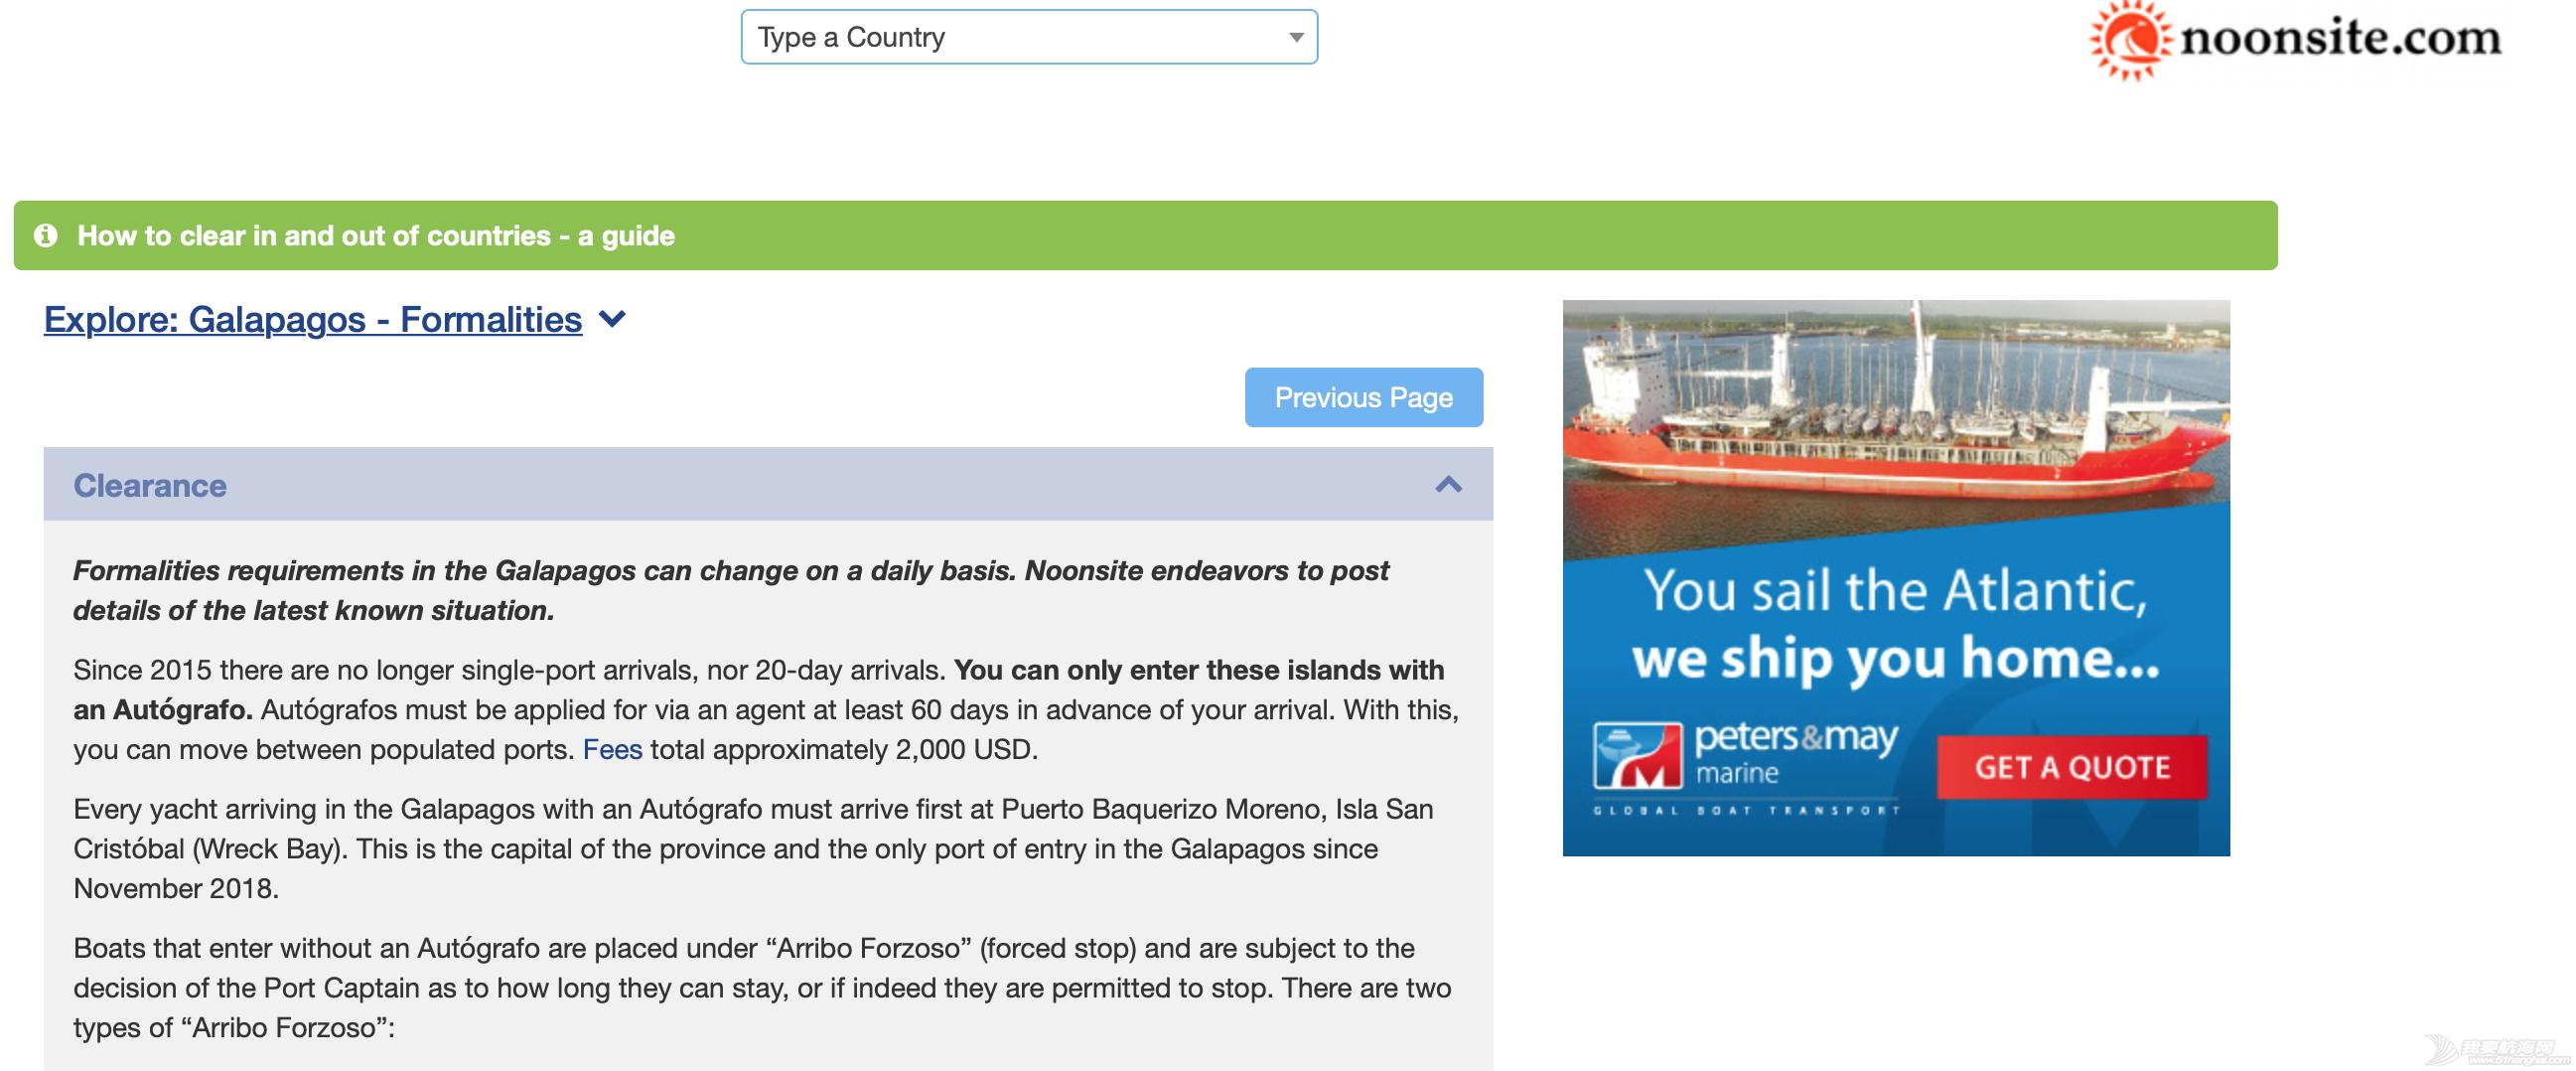 【环球航海攻略】航海人必须知道的天气APP和网站